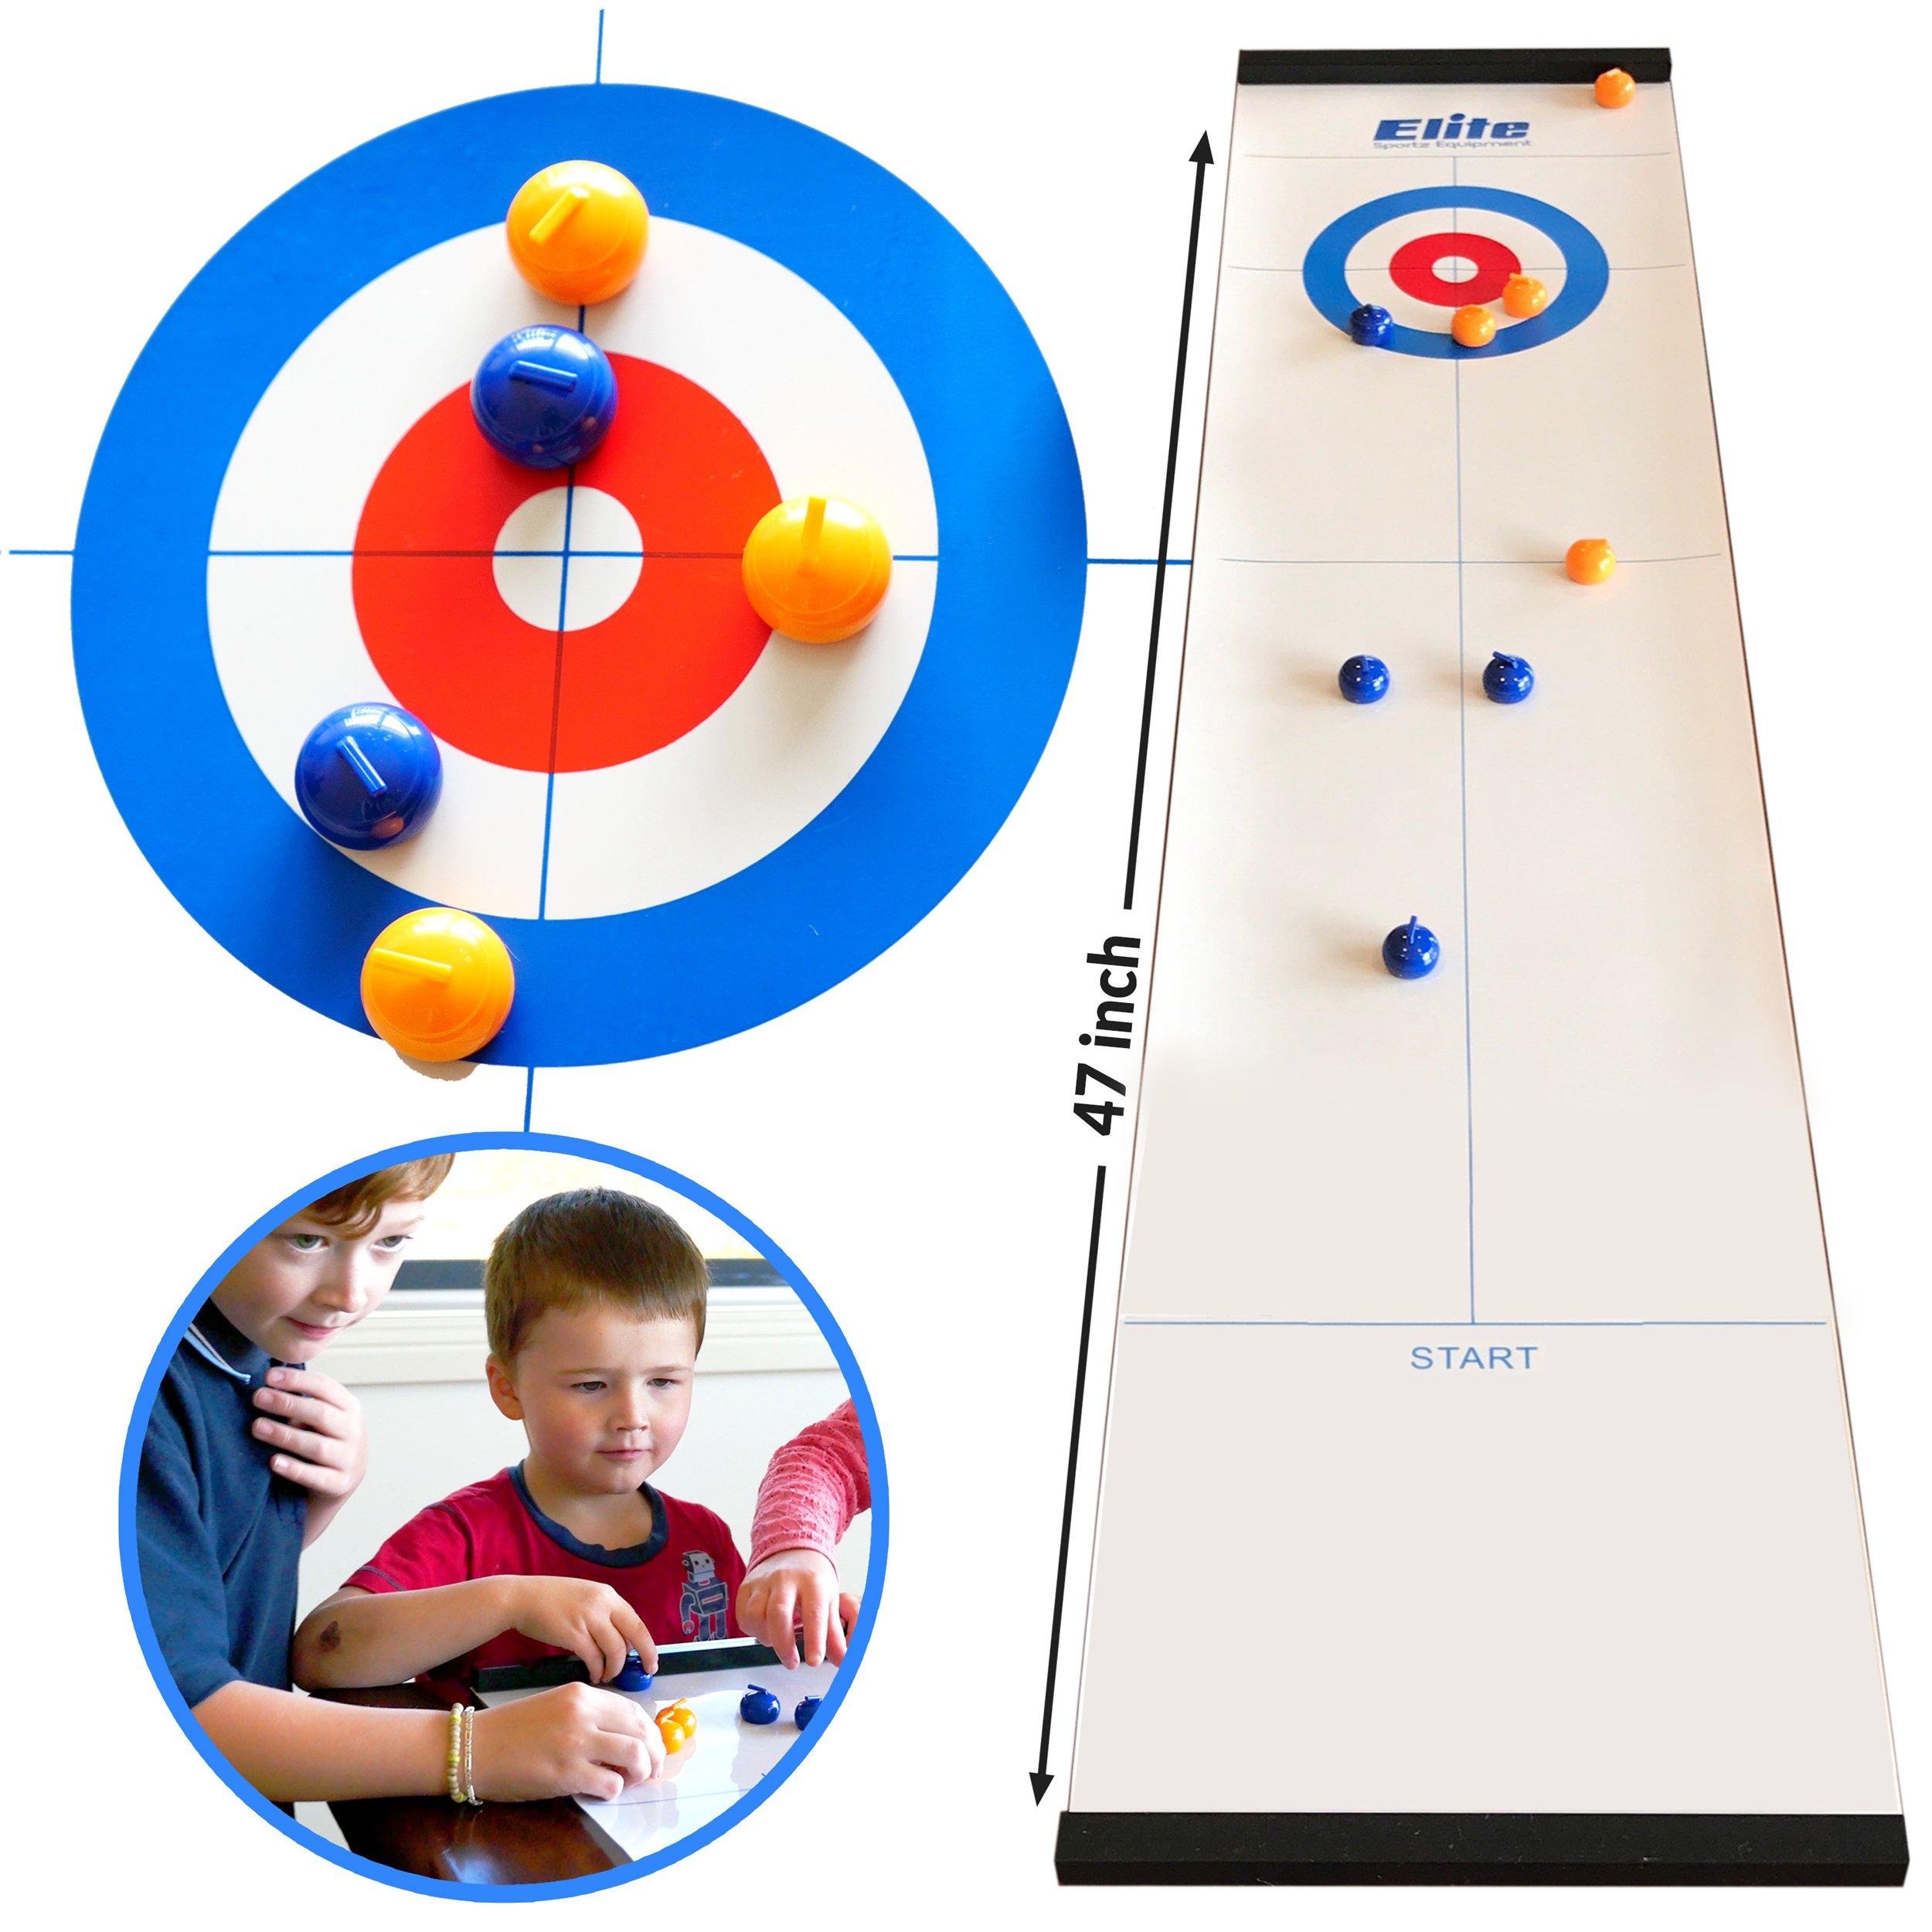 Elite Sportz Curling - Juegos de Mesa con la Familia - Juegos Divertidos para niños y Adultos: Amazon.es: Juguetes y juegos